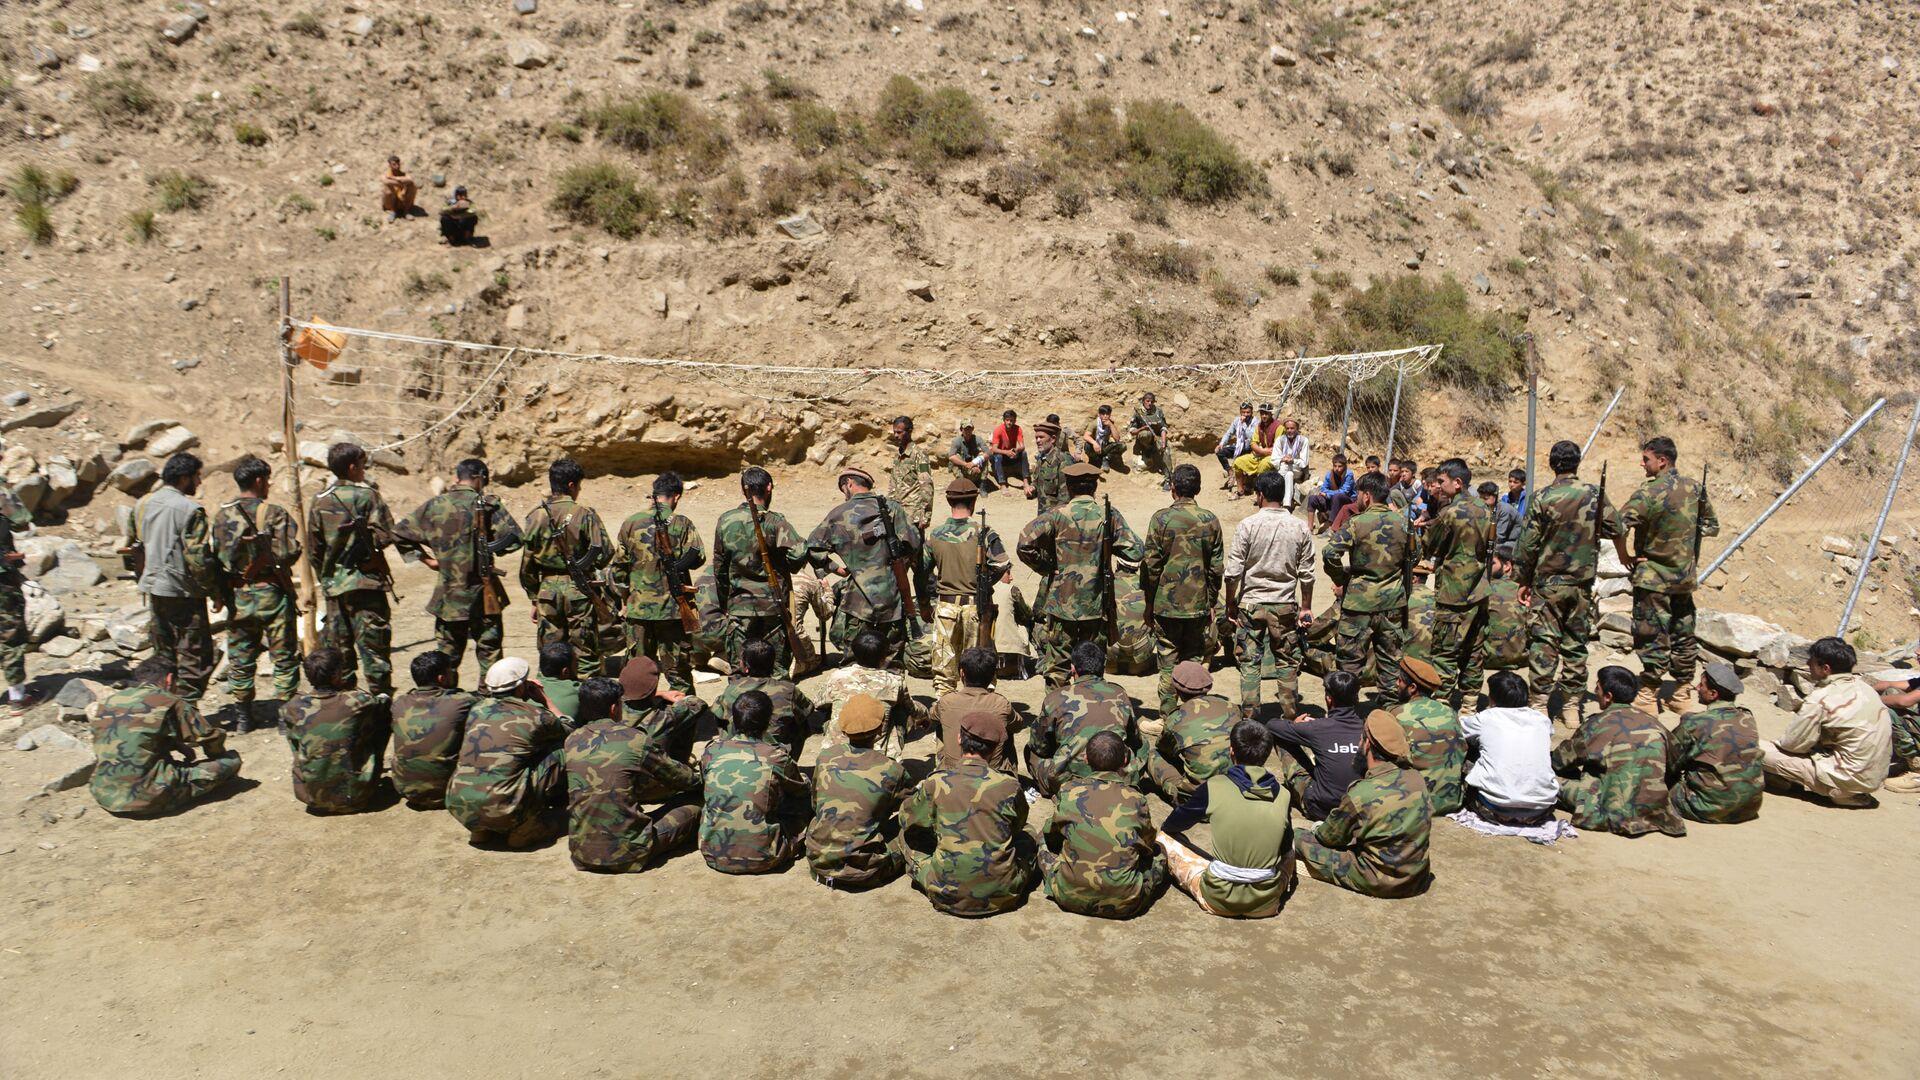 Афганское движение сопротивления во время учений в провинции Панджшер, Афганистан - Sputnik Таджикистан, 1920, 01.09.2021